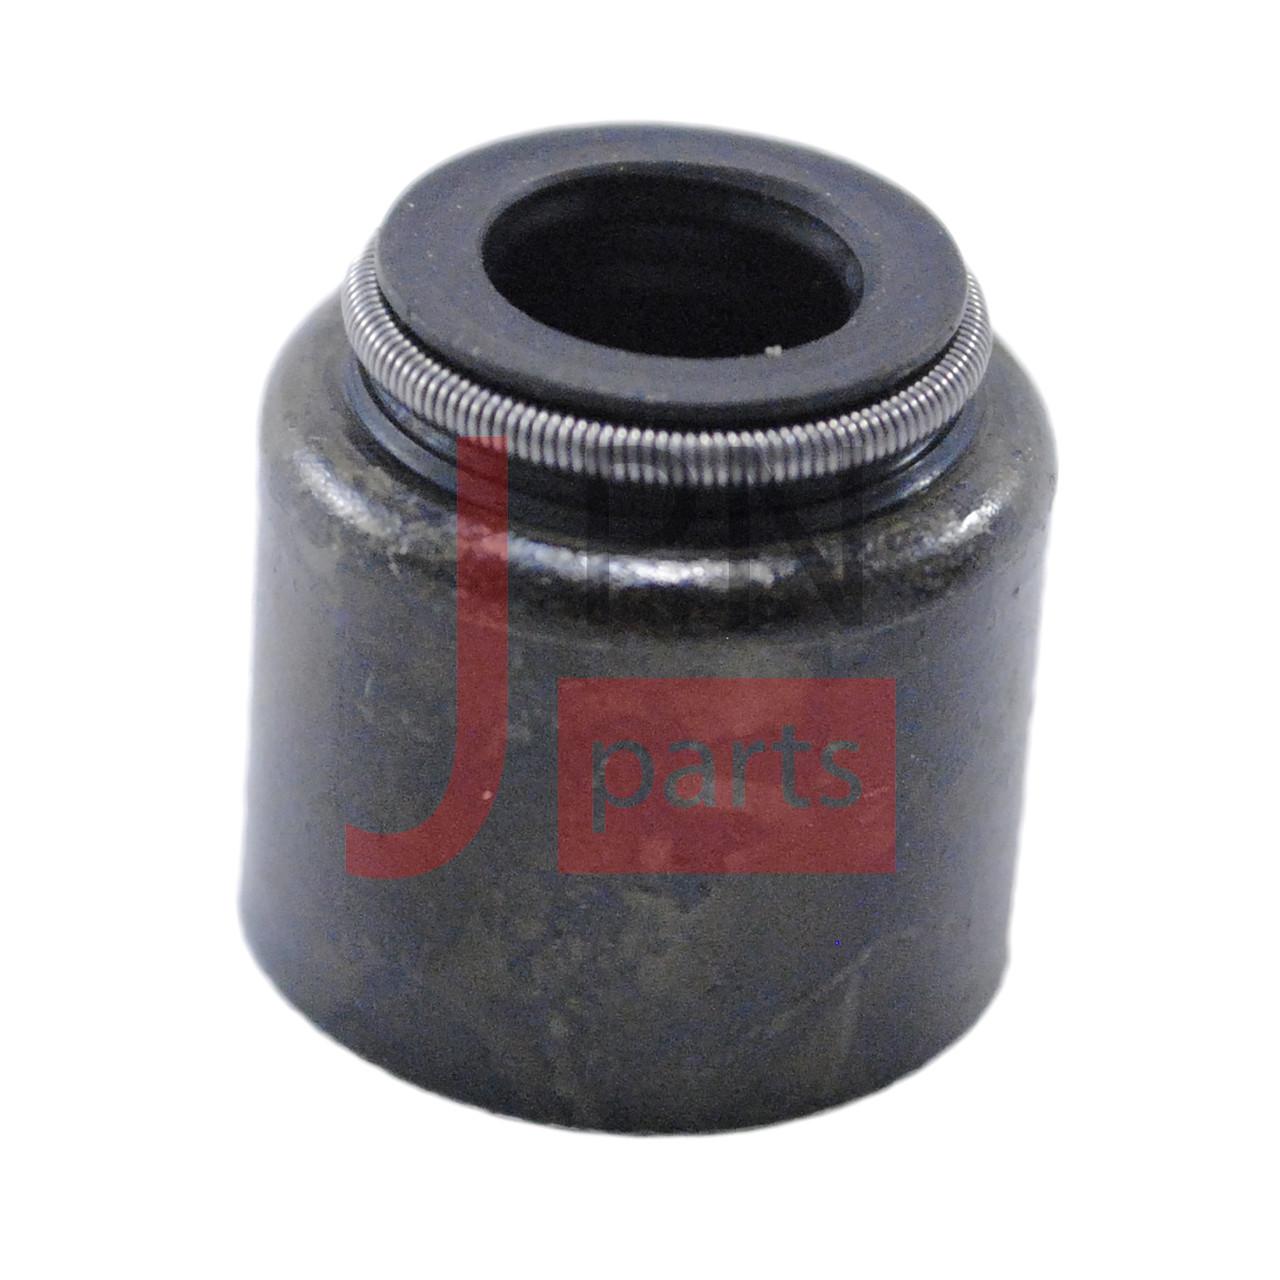 Сальник клапана ISUZU 4BD1 (8.9X14X12) (1125690150/8971201670/ 5125690010/8971201670) JAPACO